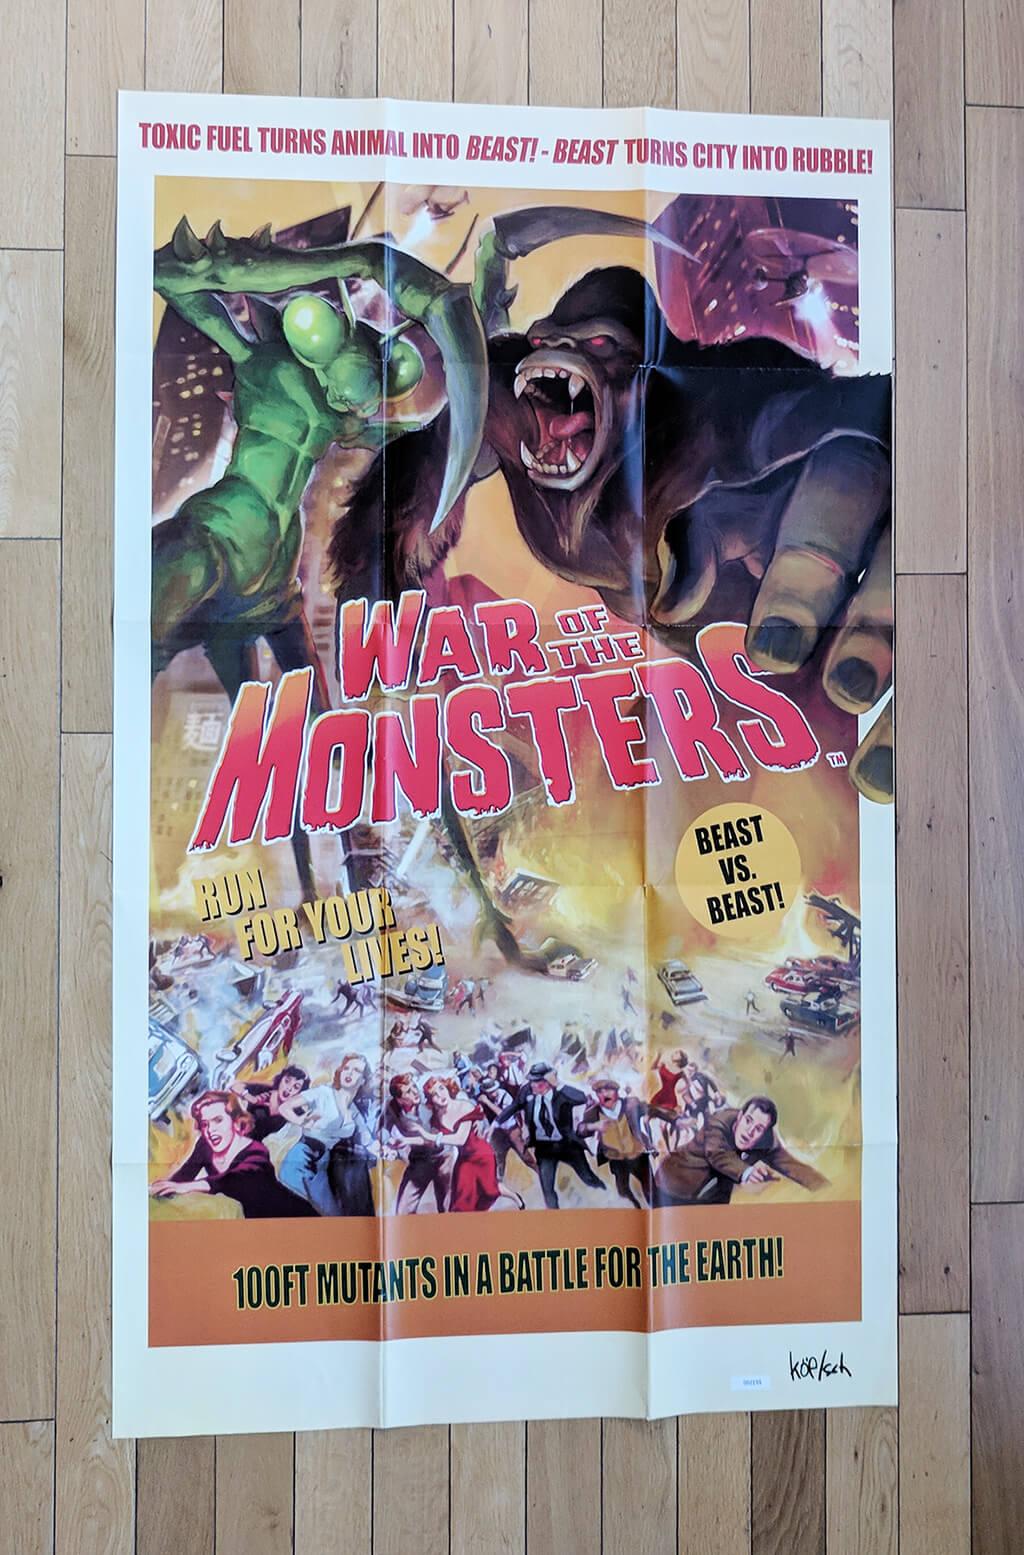 War of Monsters media kit poster